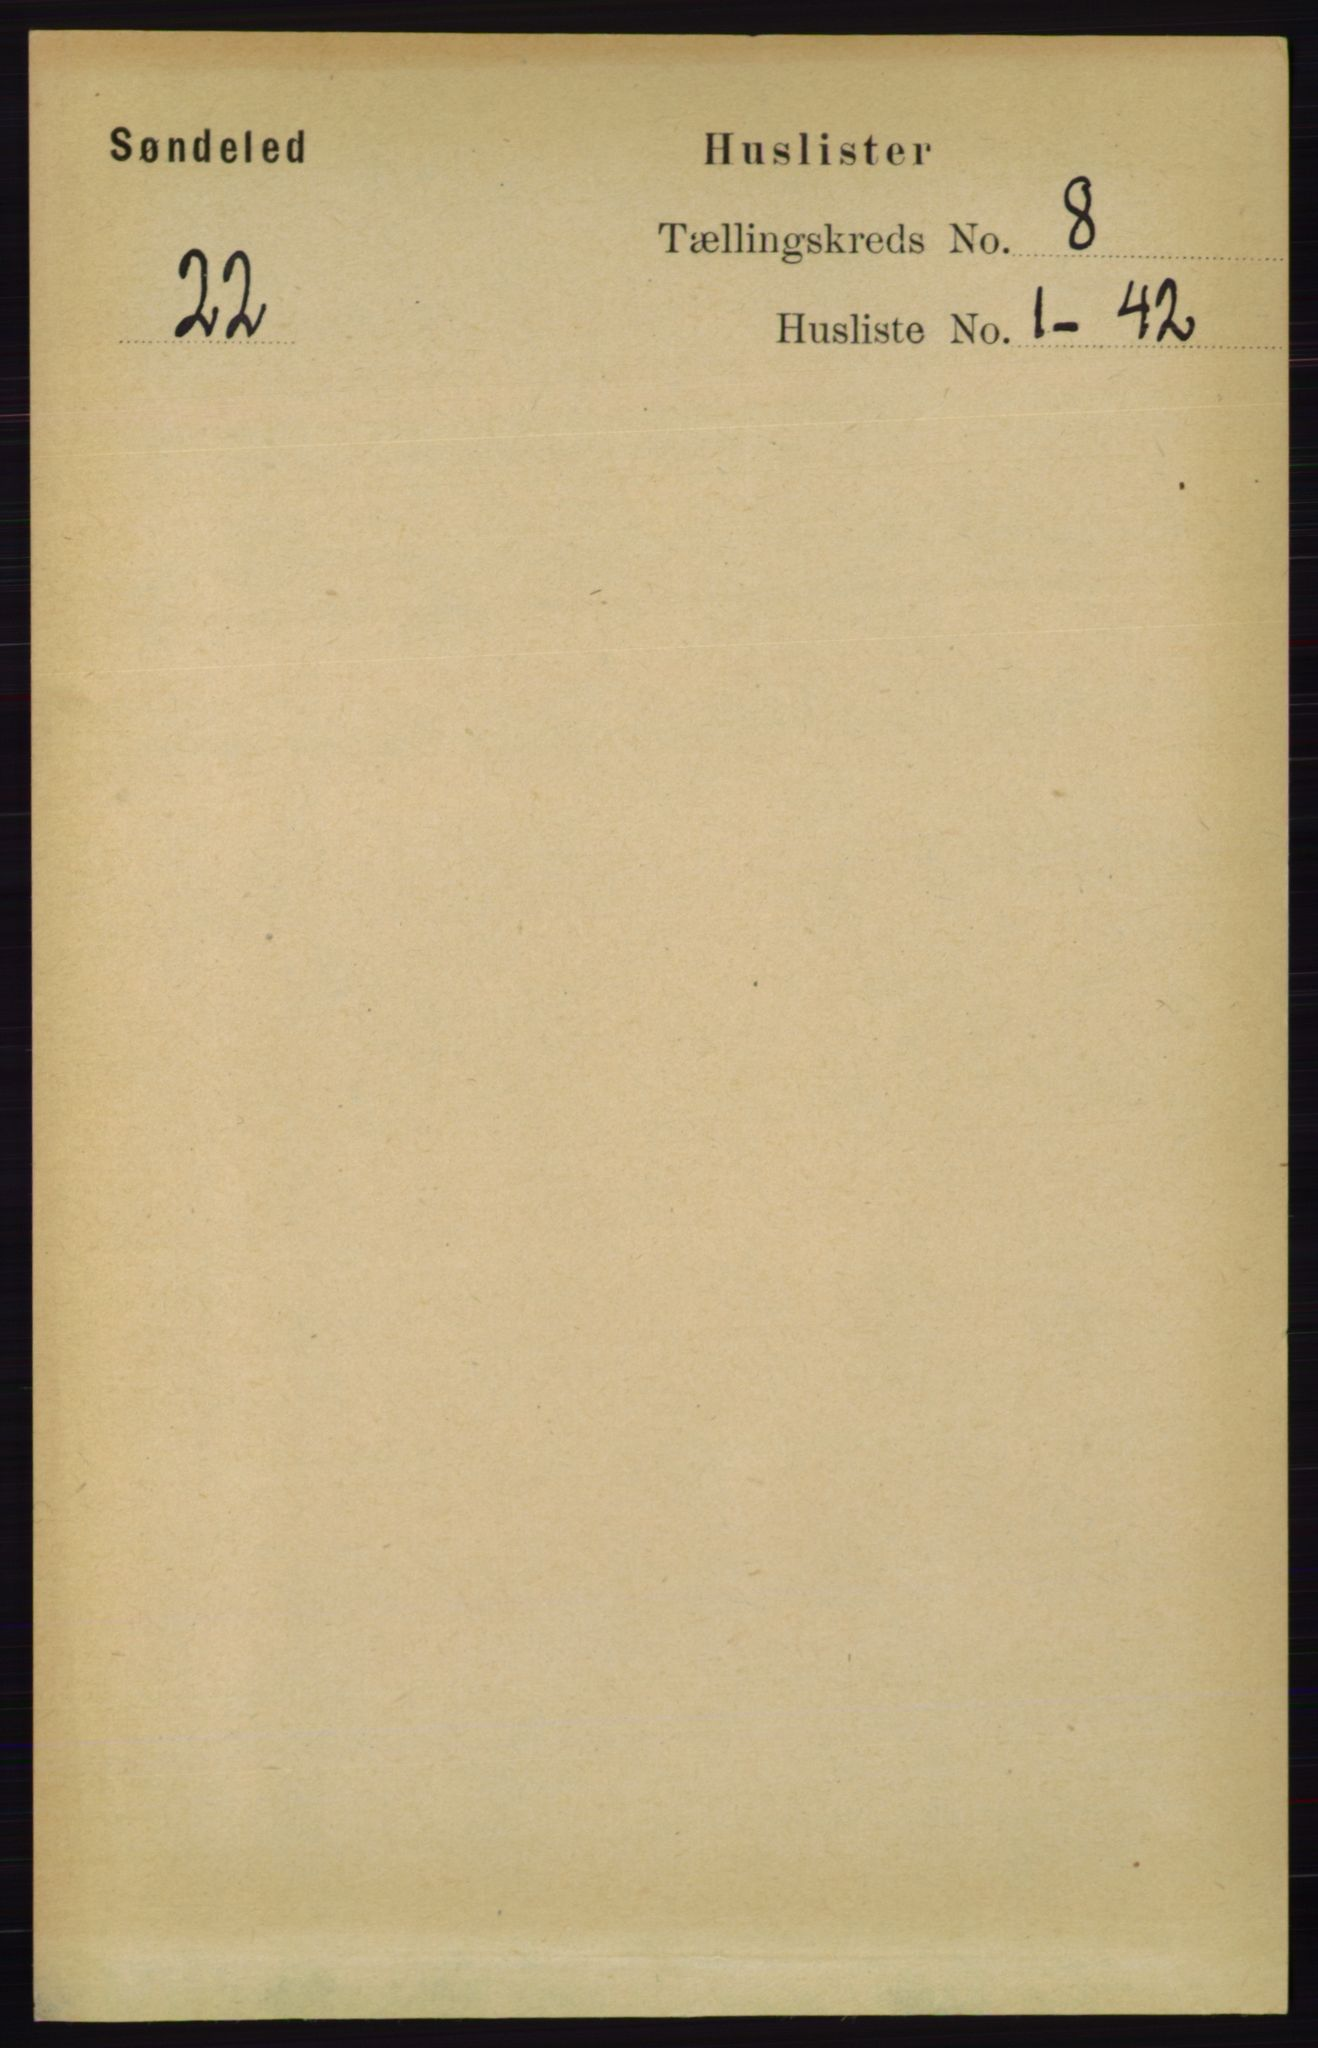 RA, Folketelling 1891 for 0913 Søndeled herred, 1891, s. 2524